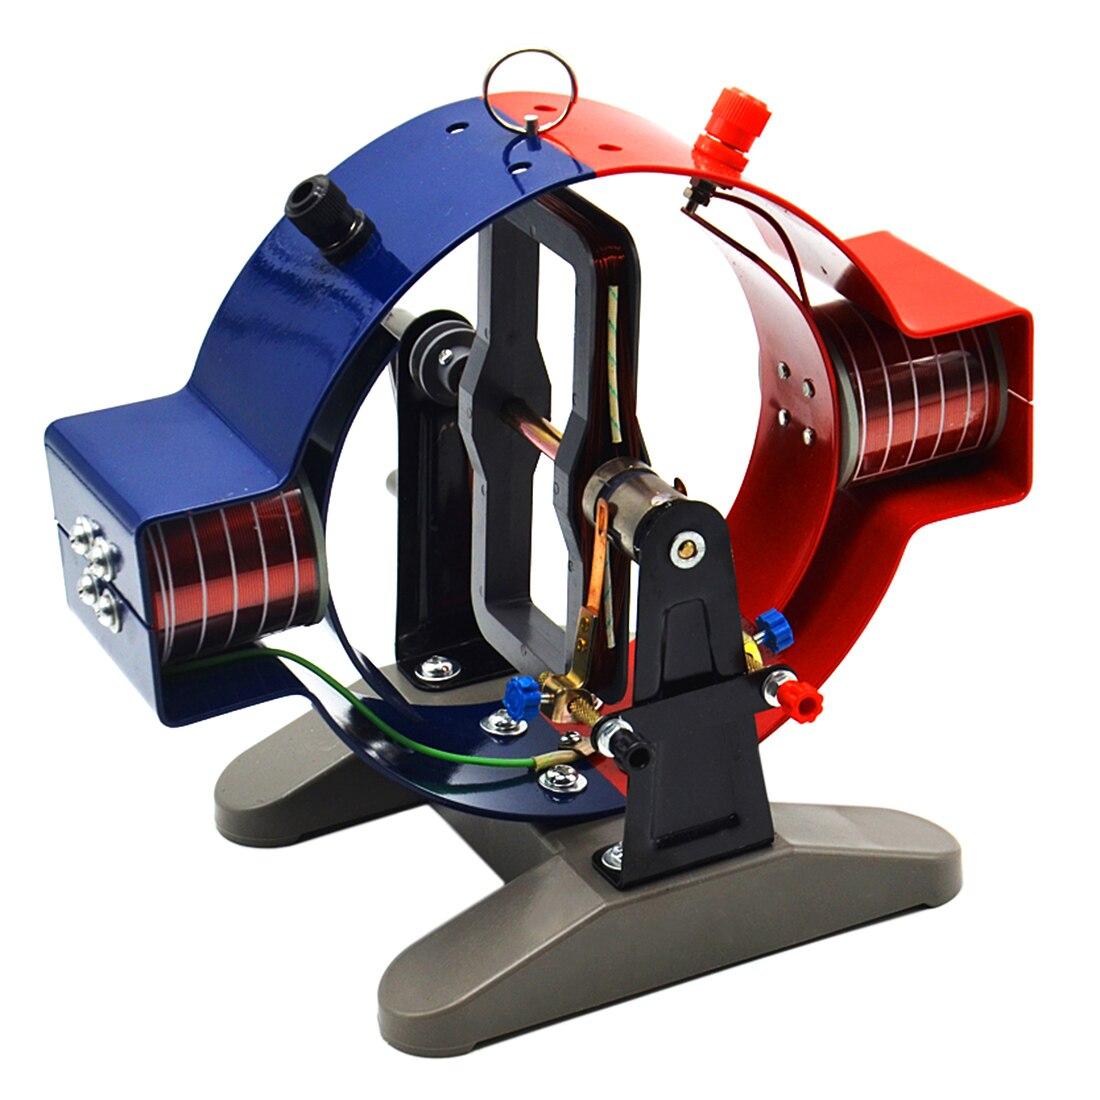 Moteur principe Description Instrument bricolage jouet expérience physique équipement d'enseignement pour étudiant